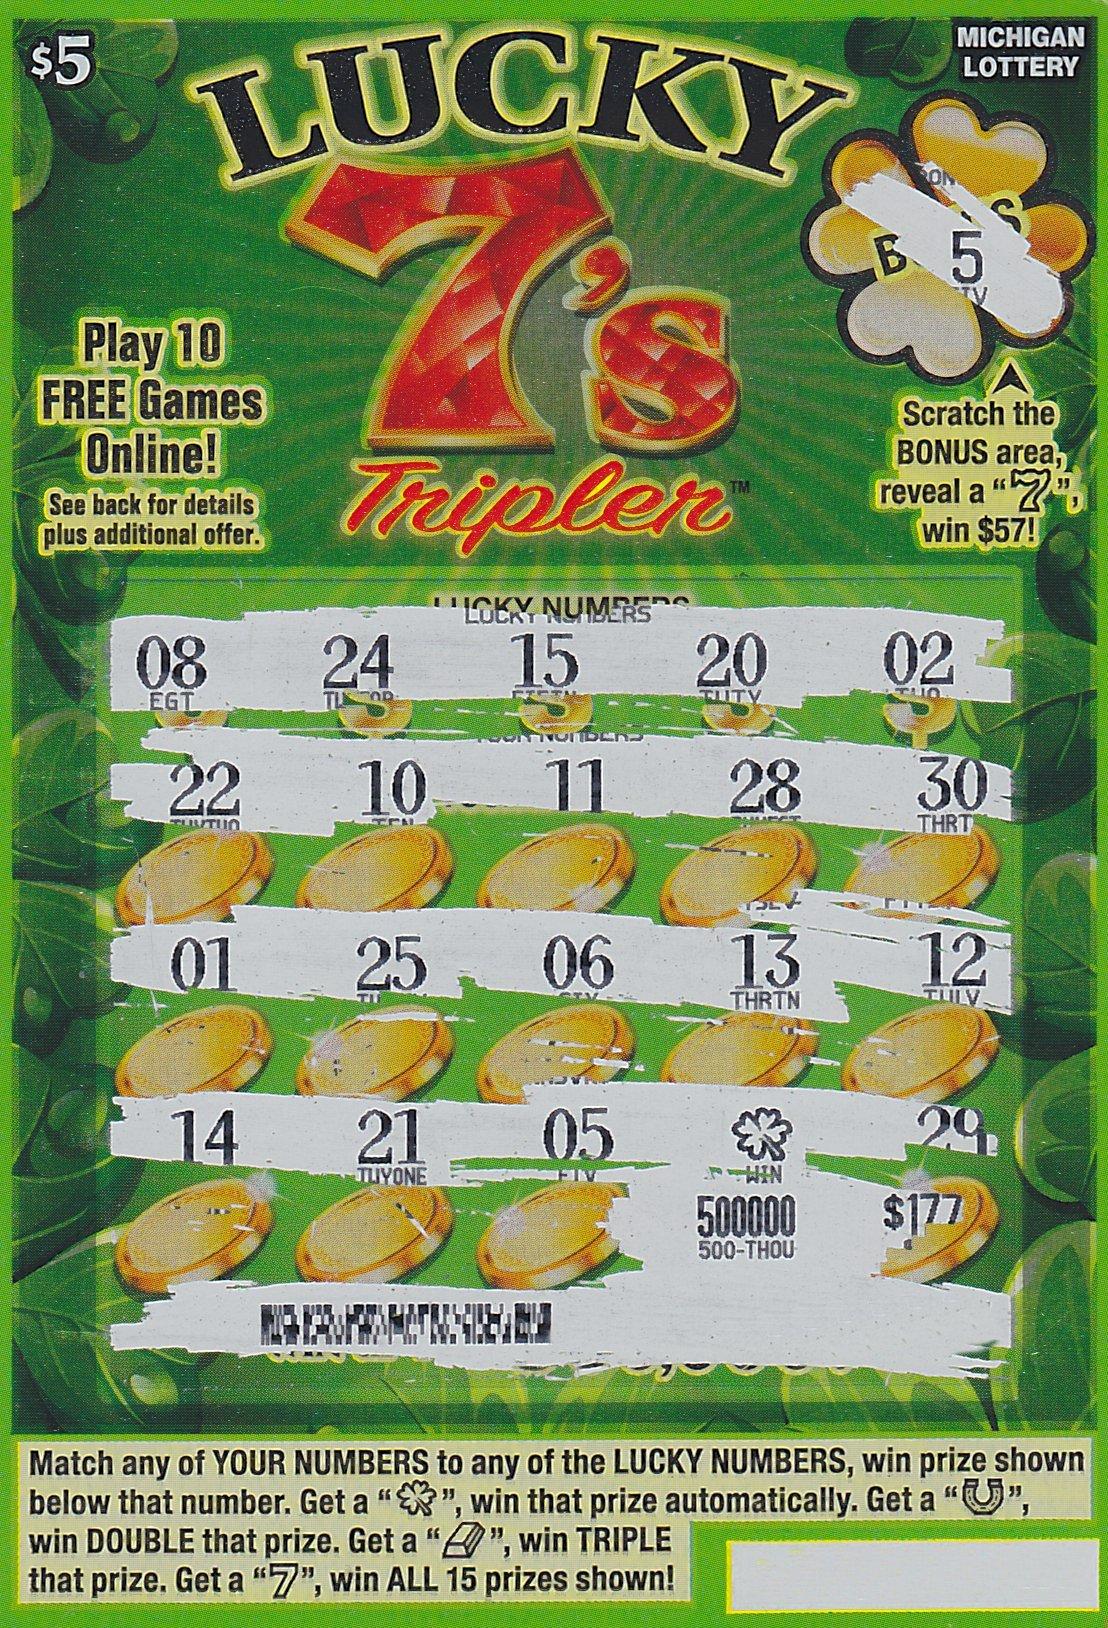 Oakland County Man Wins $500,000 Playing Michigan Lottery's